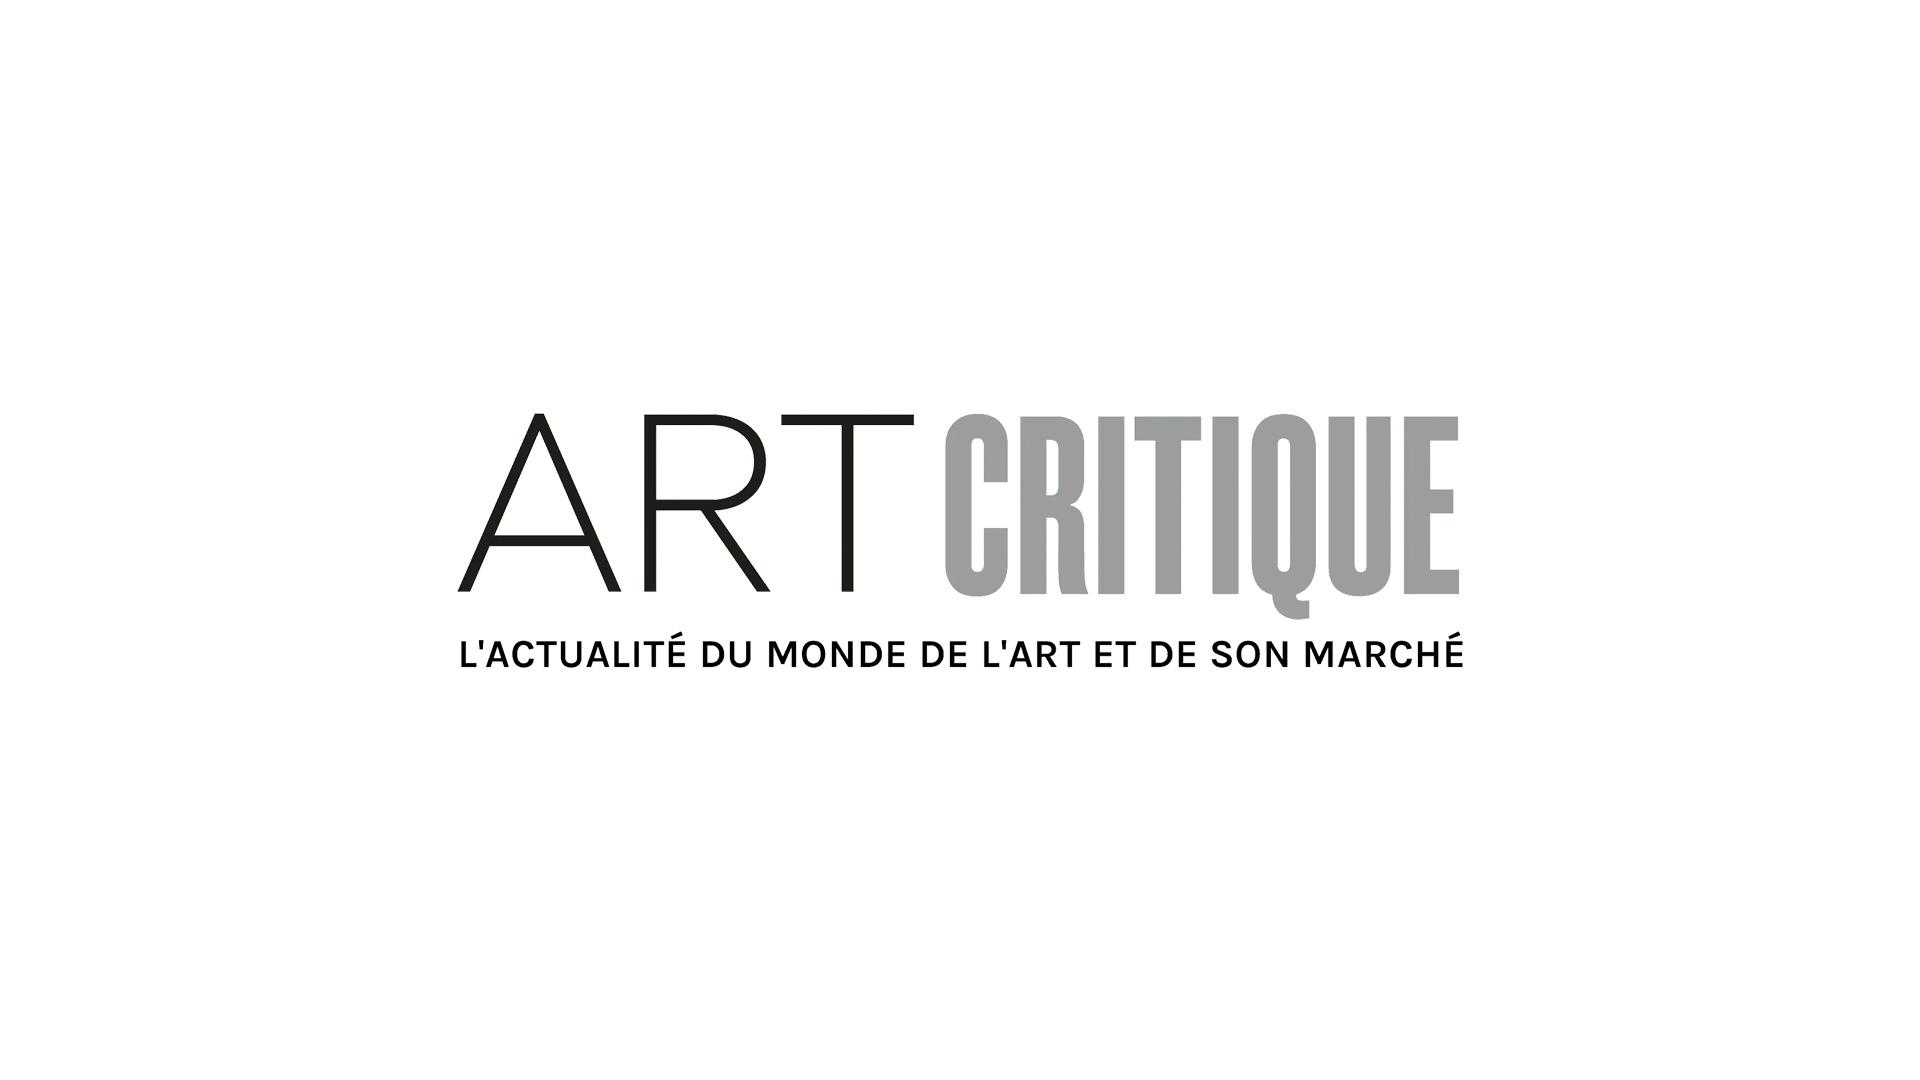 La Légende des cieux de C215 au Bourget